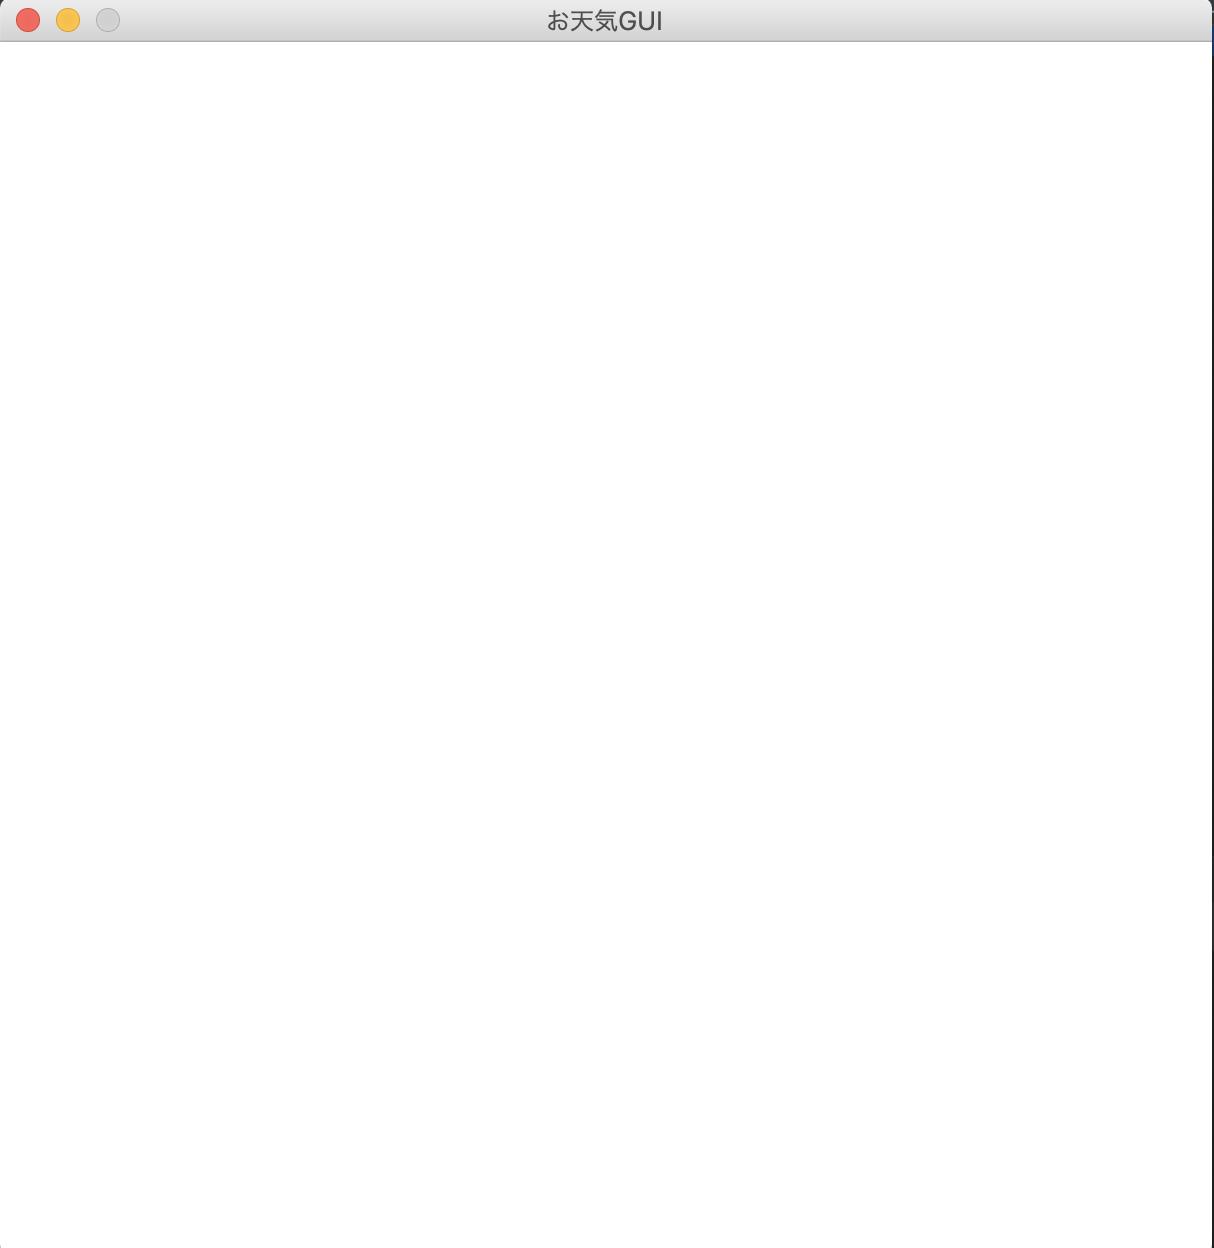 Python GUI空のキャンバス